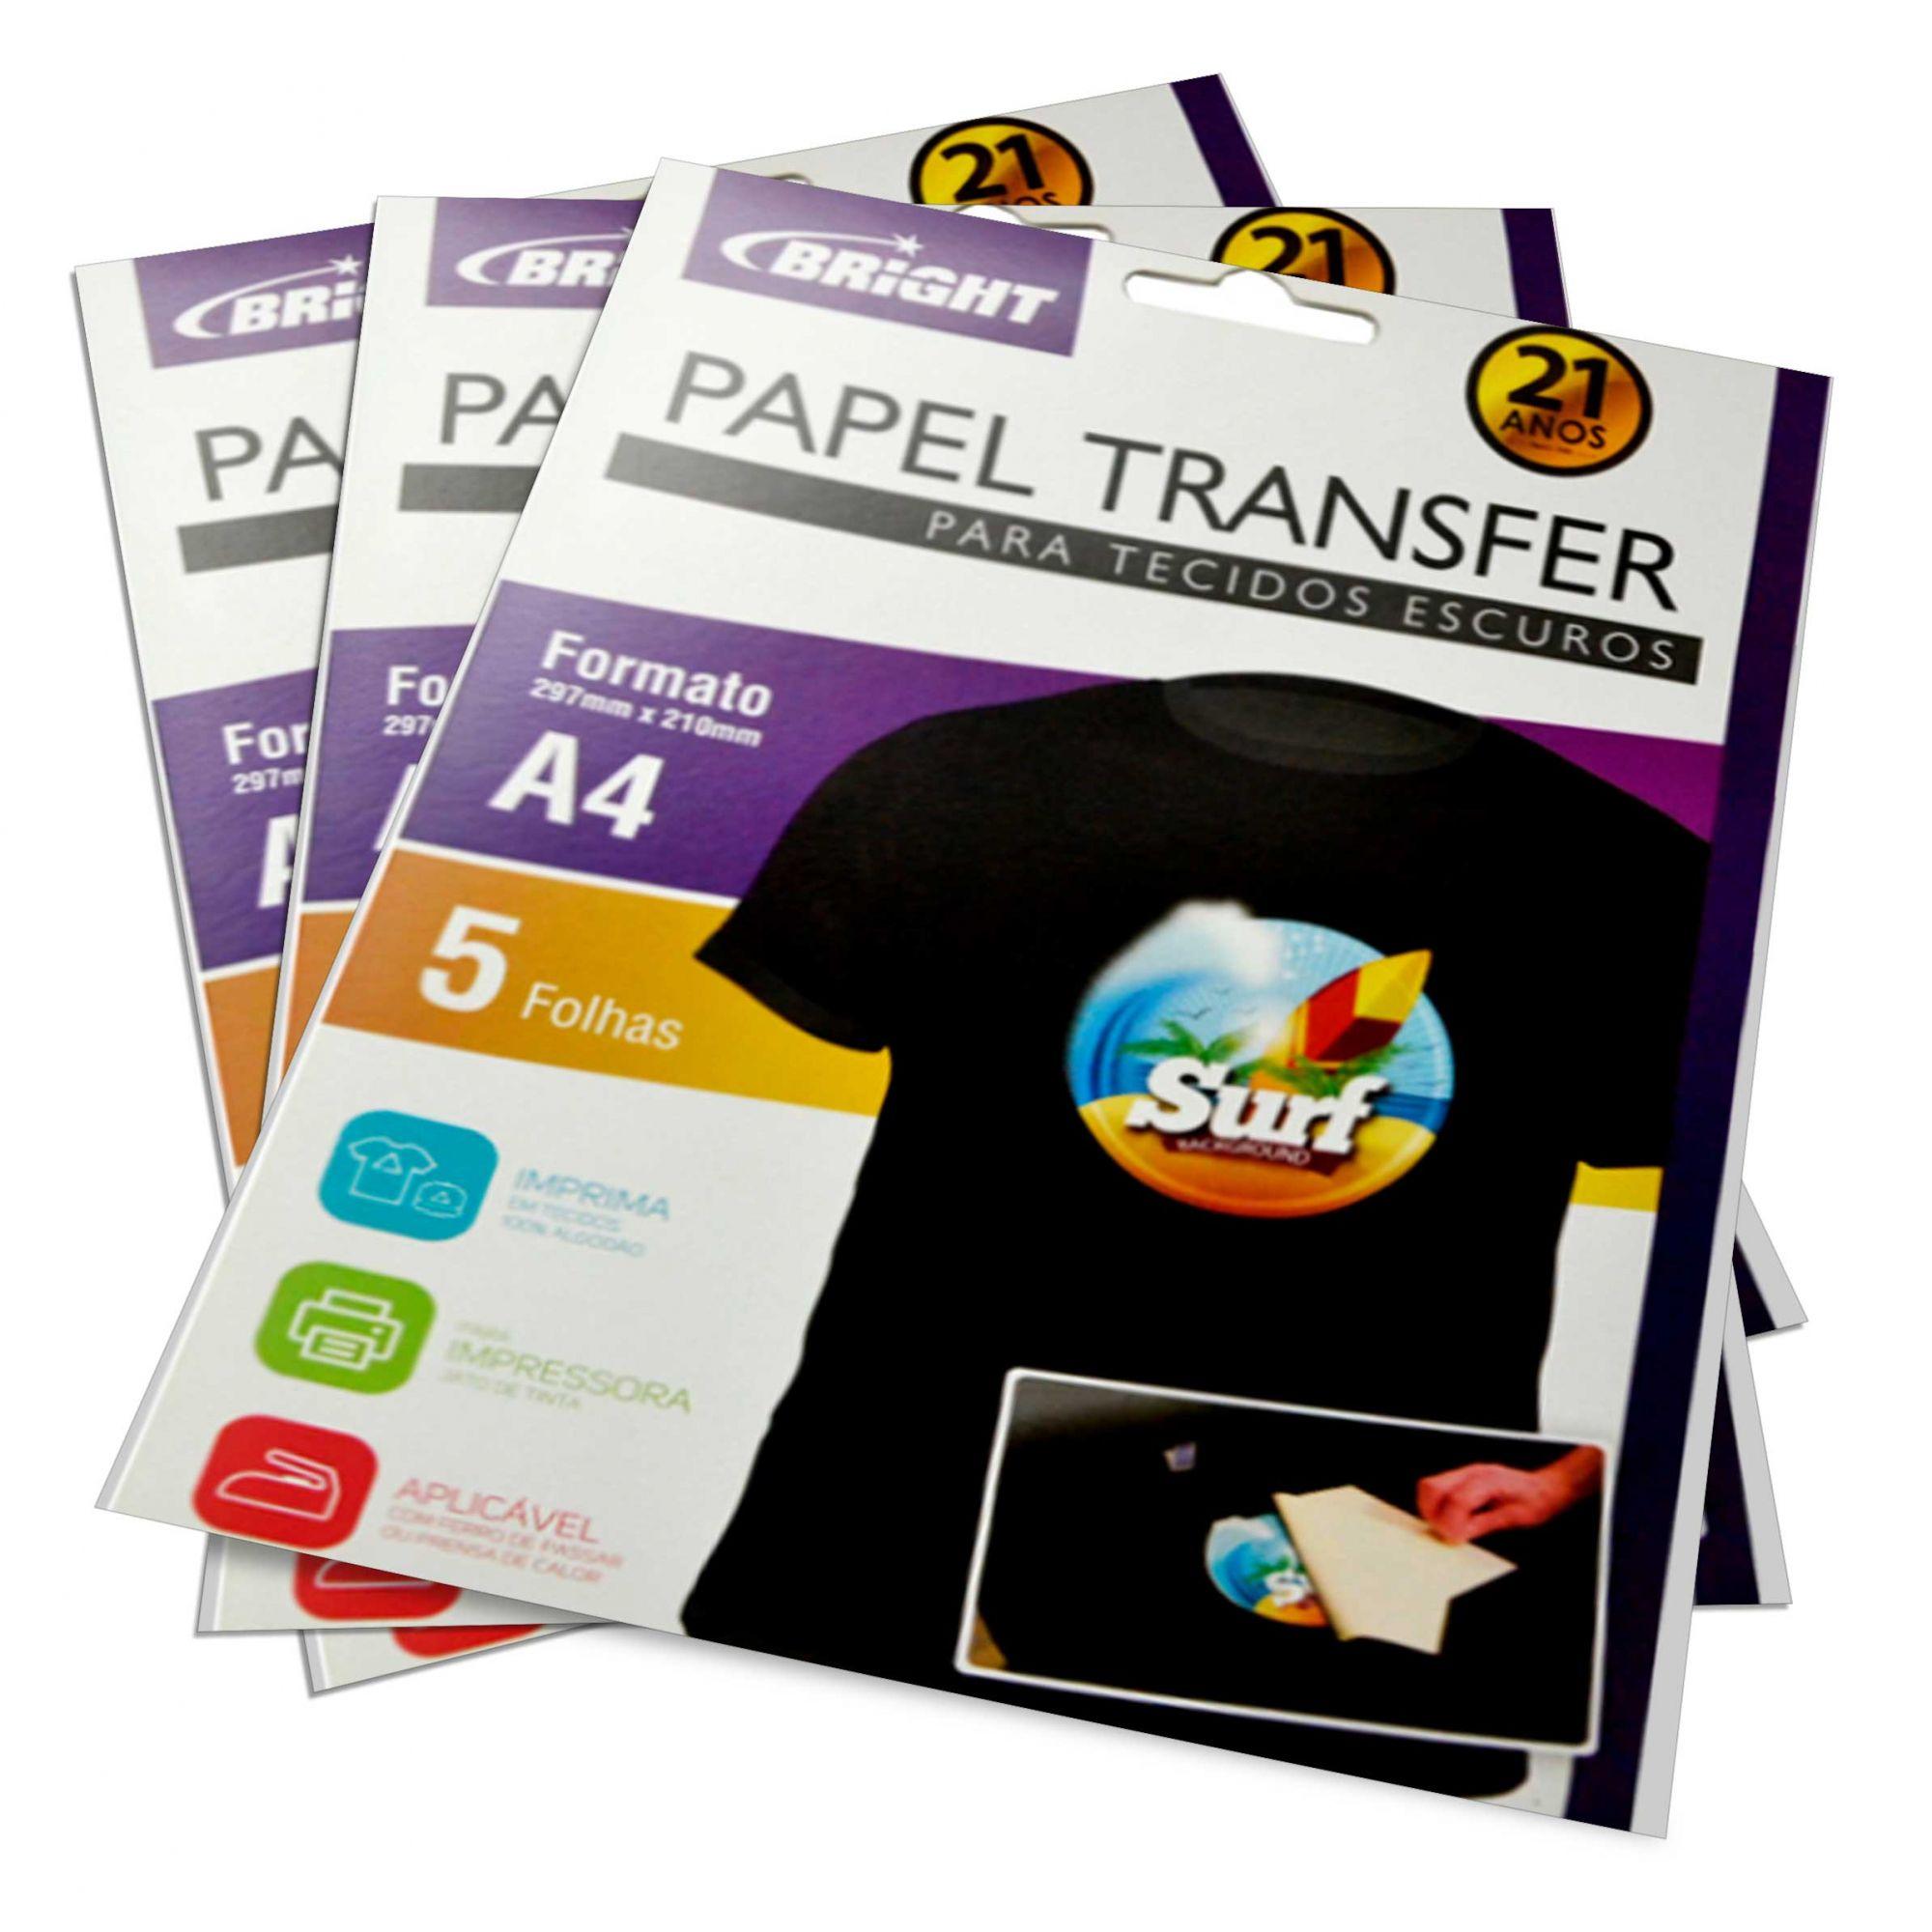 Papel Transfer Dark para Tecidos Escuros - A4 Pacote com 5 Folhas